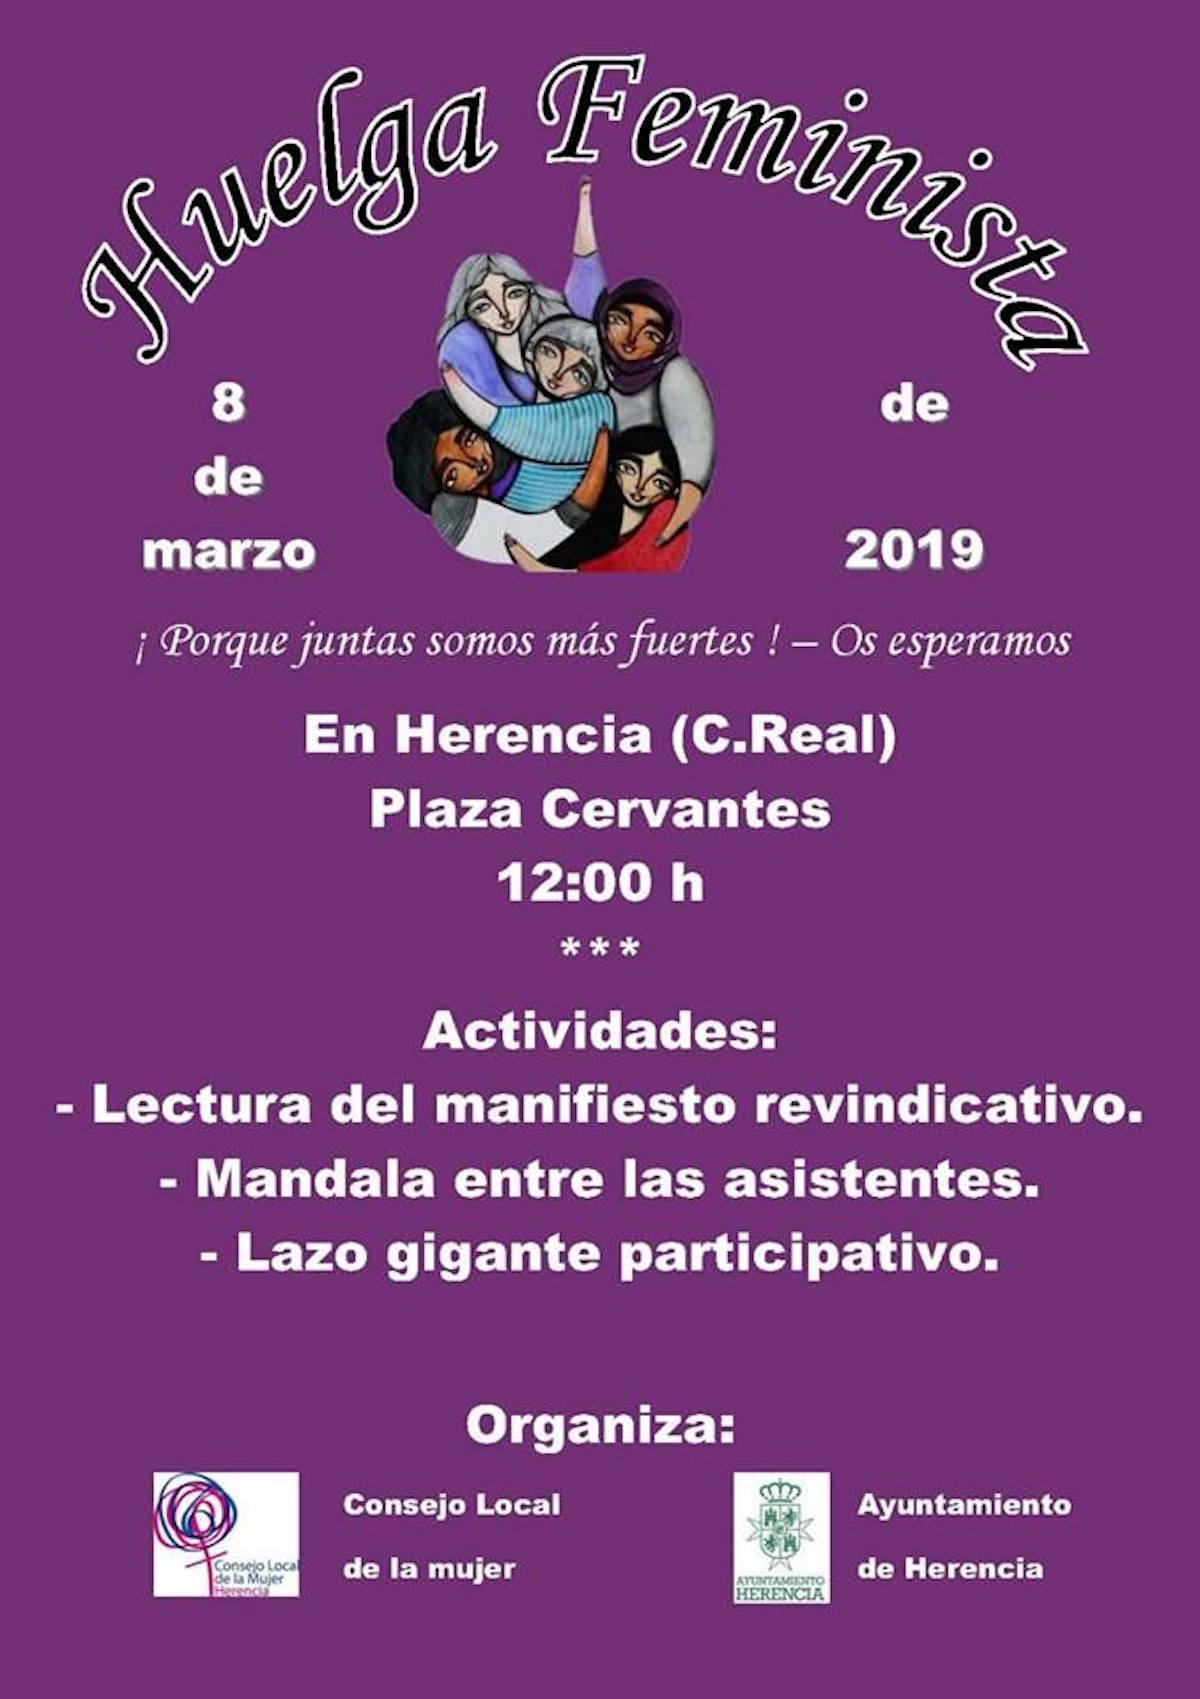 Huelga Feminista el 8 de marzo en Herencia